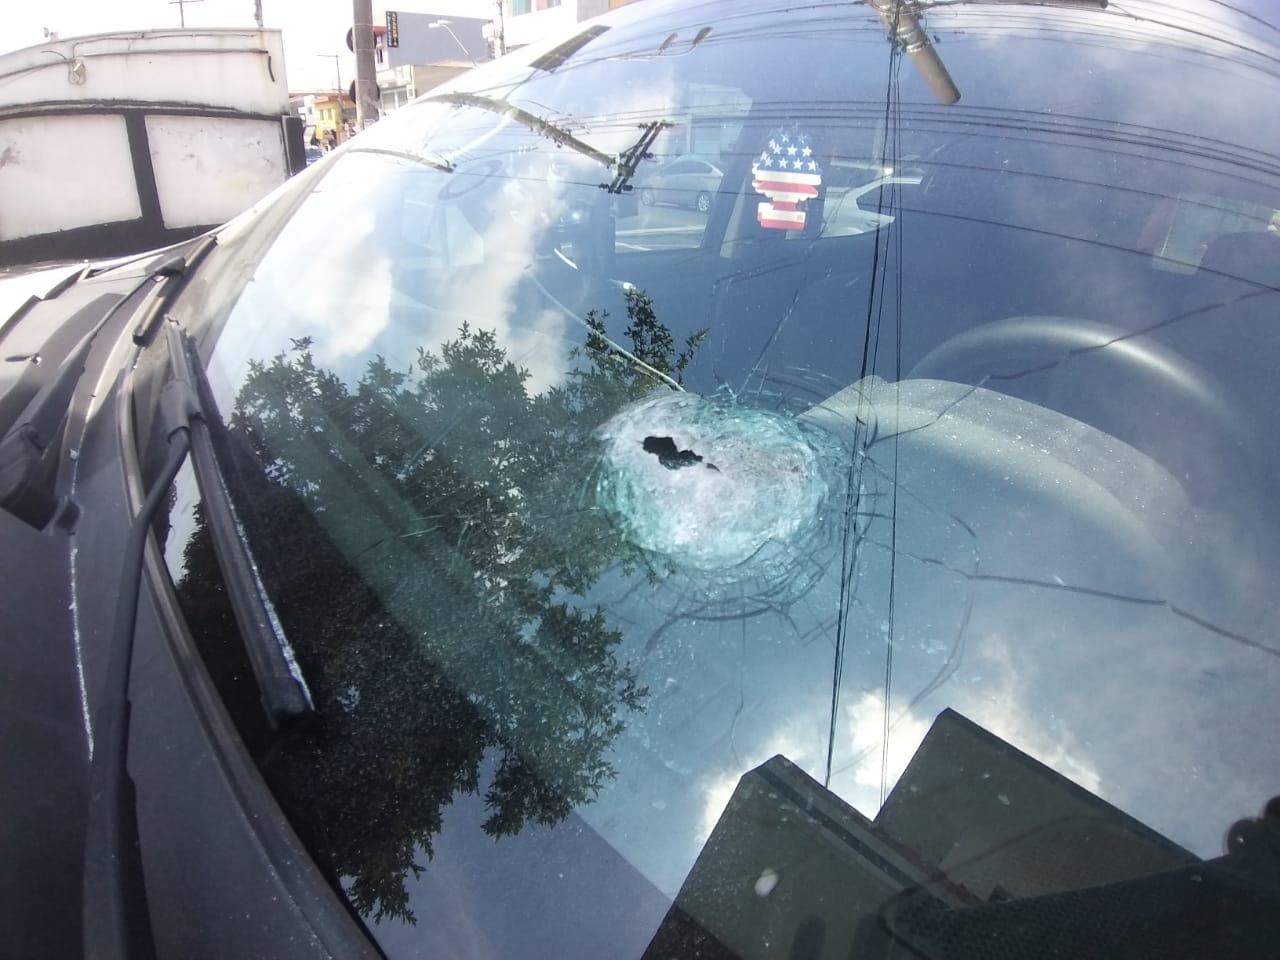 Marca de tiro no vidro (Nivaldo Lima/SP Agora)